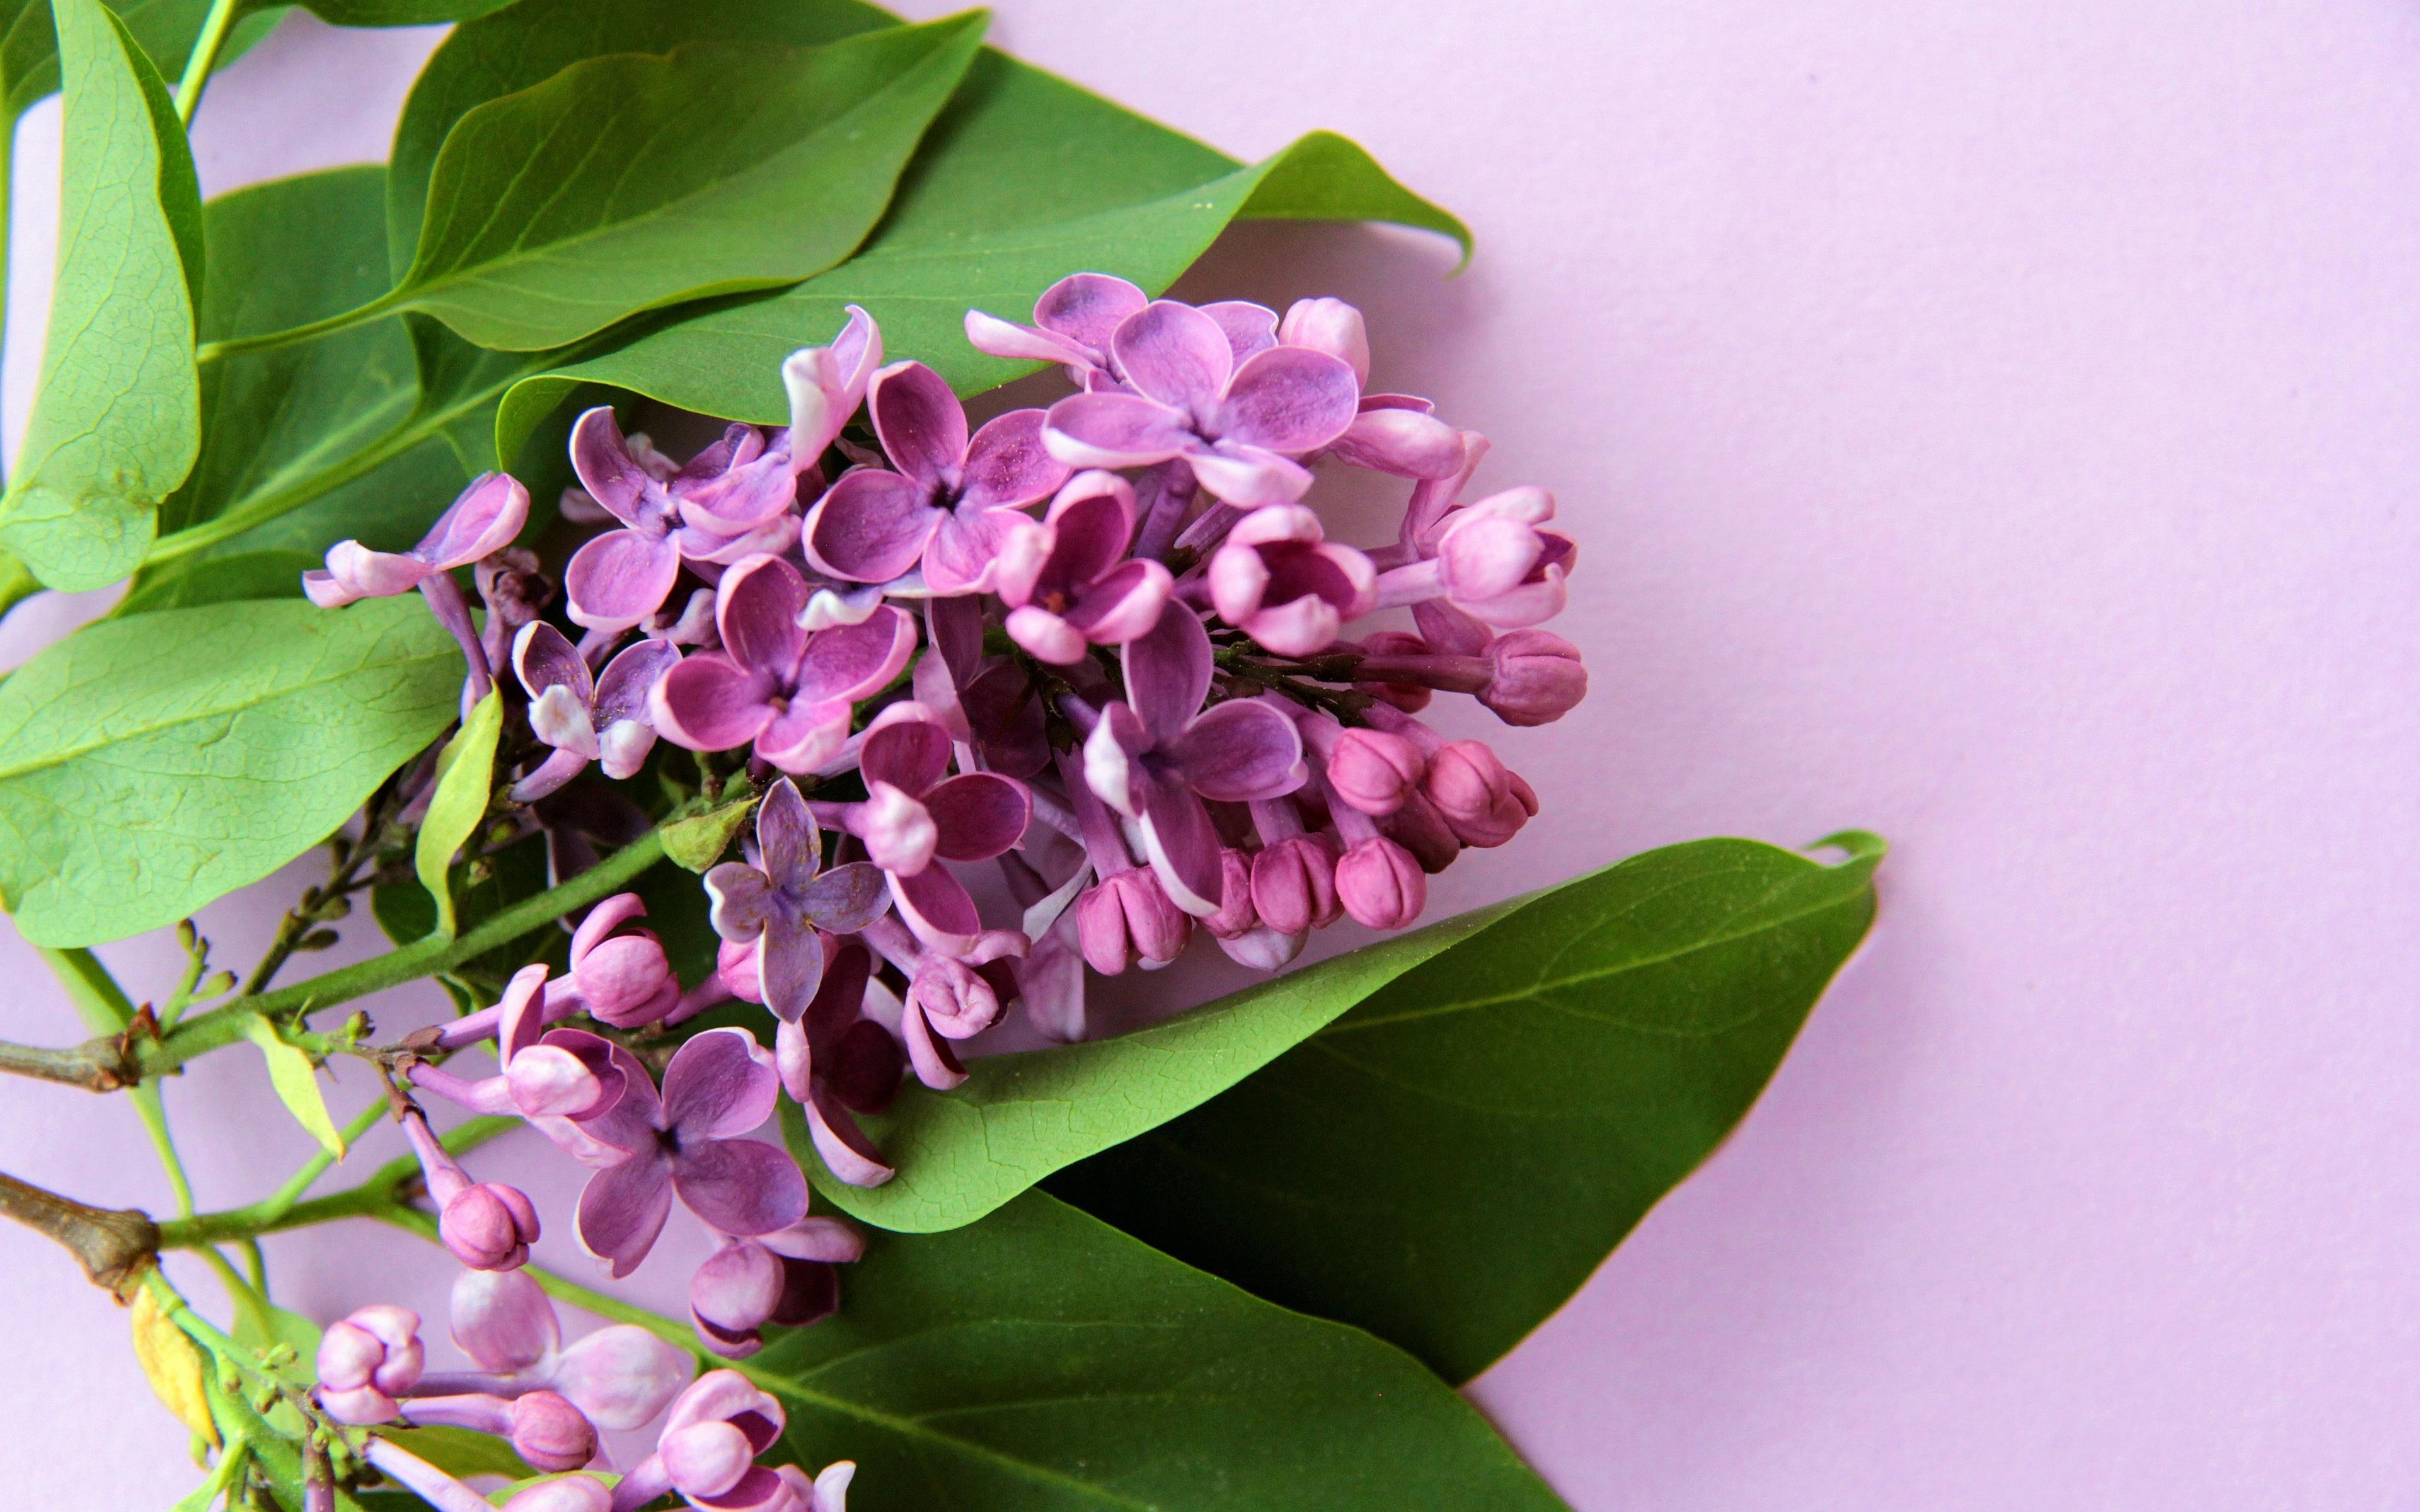 Bakgrundsbilder lila färg syringa Blommor Färgad bakgrund 3840x2400 Violett blomma bondsyren Syrensläktet